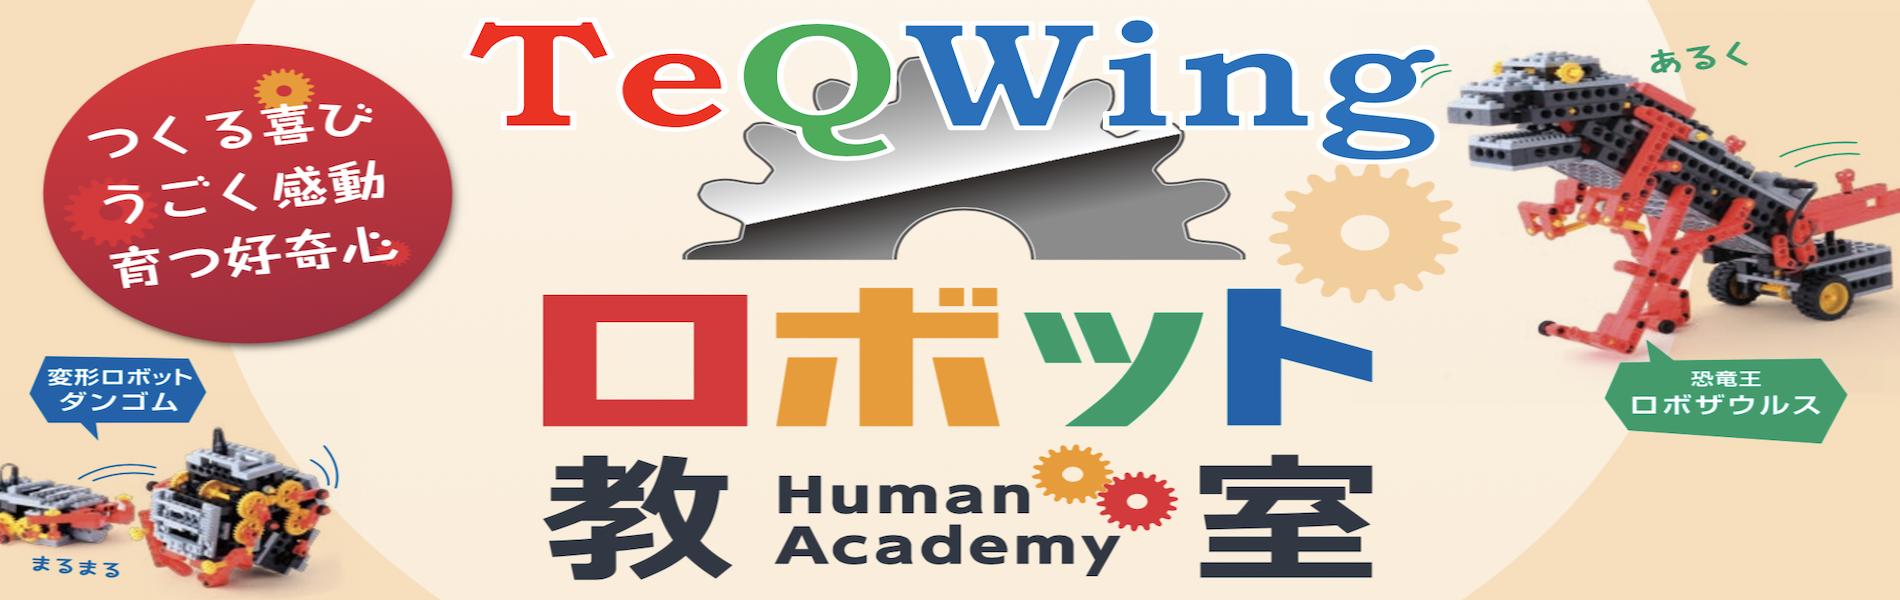 ロボット教室テックウイング/千葉中央/西千葉